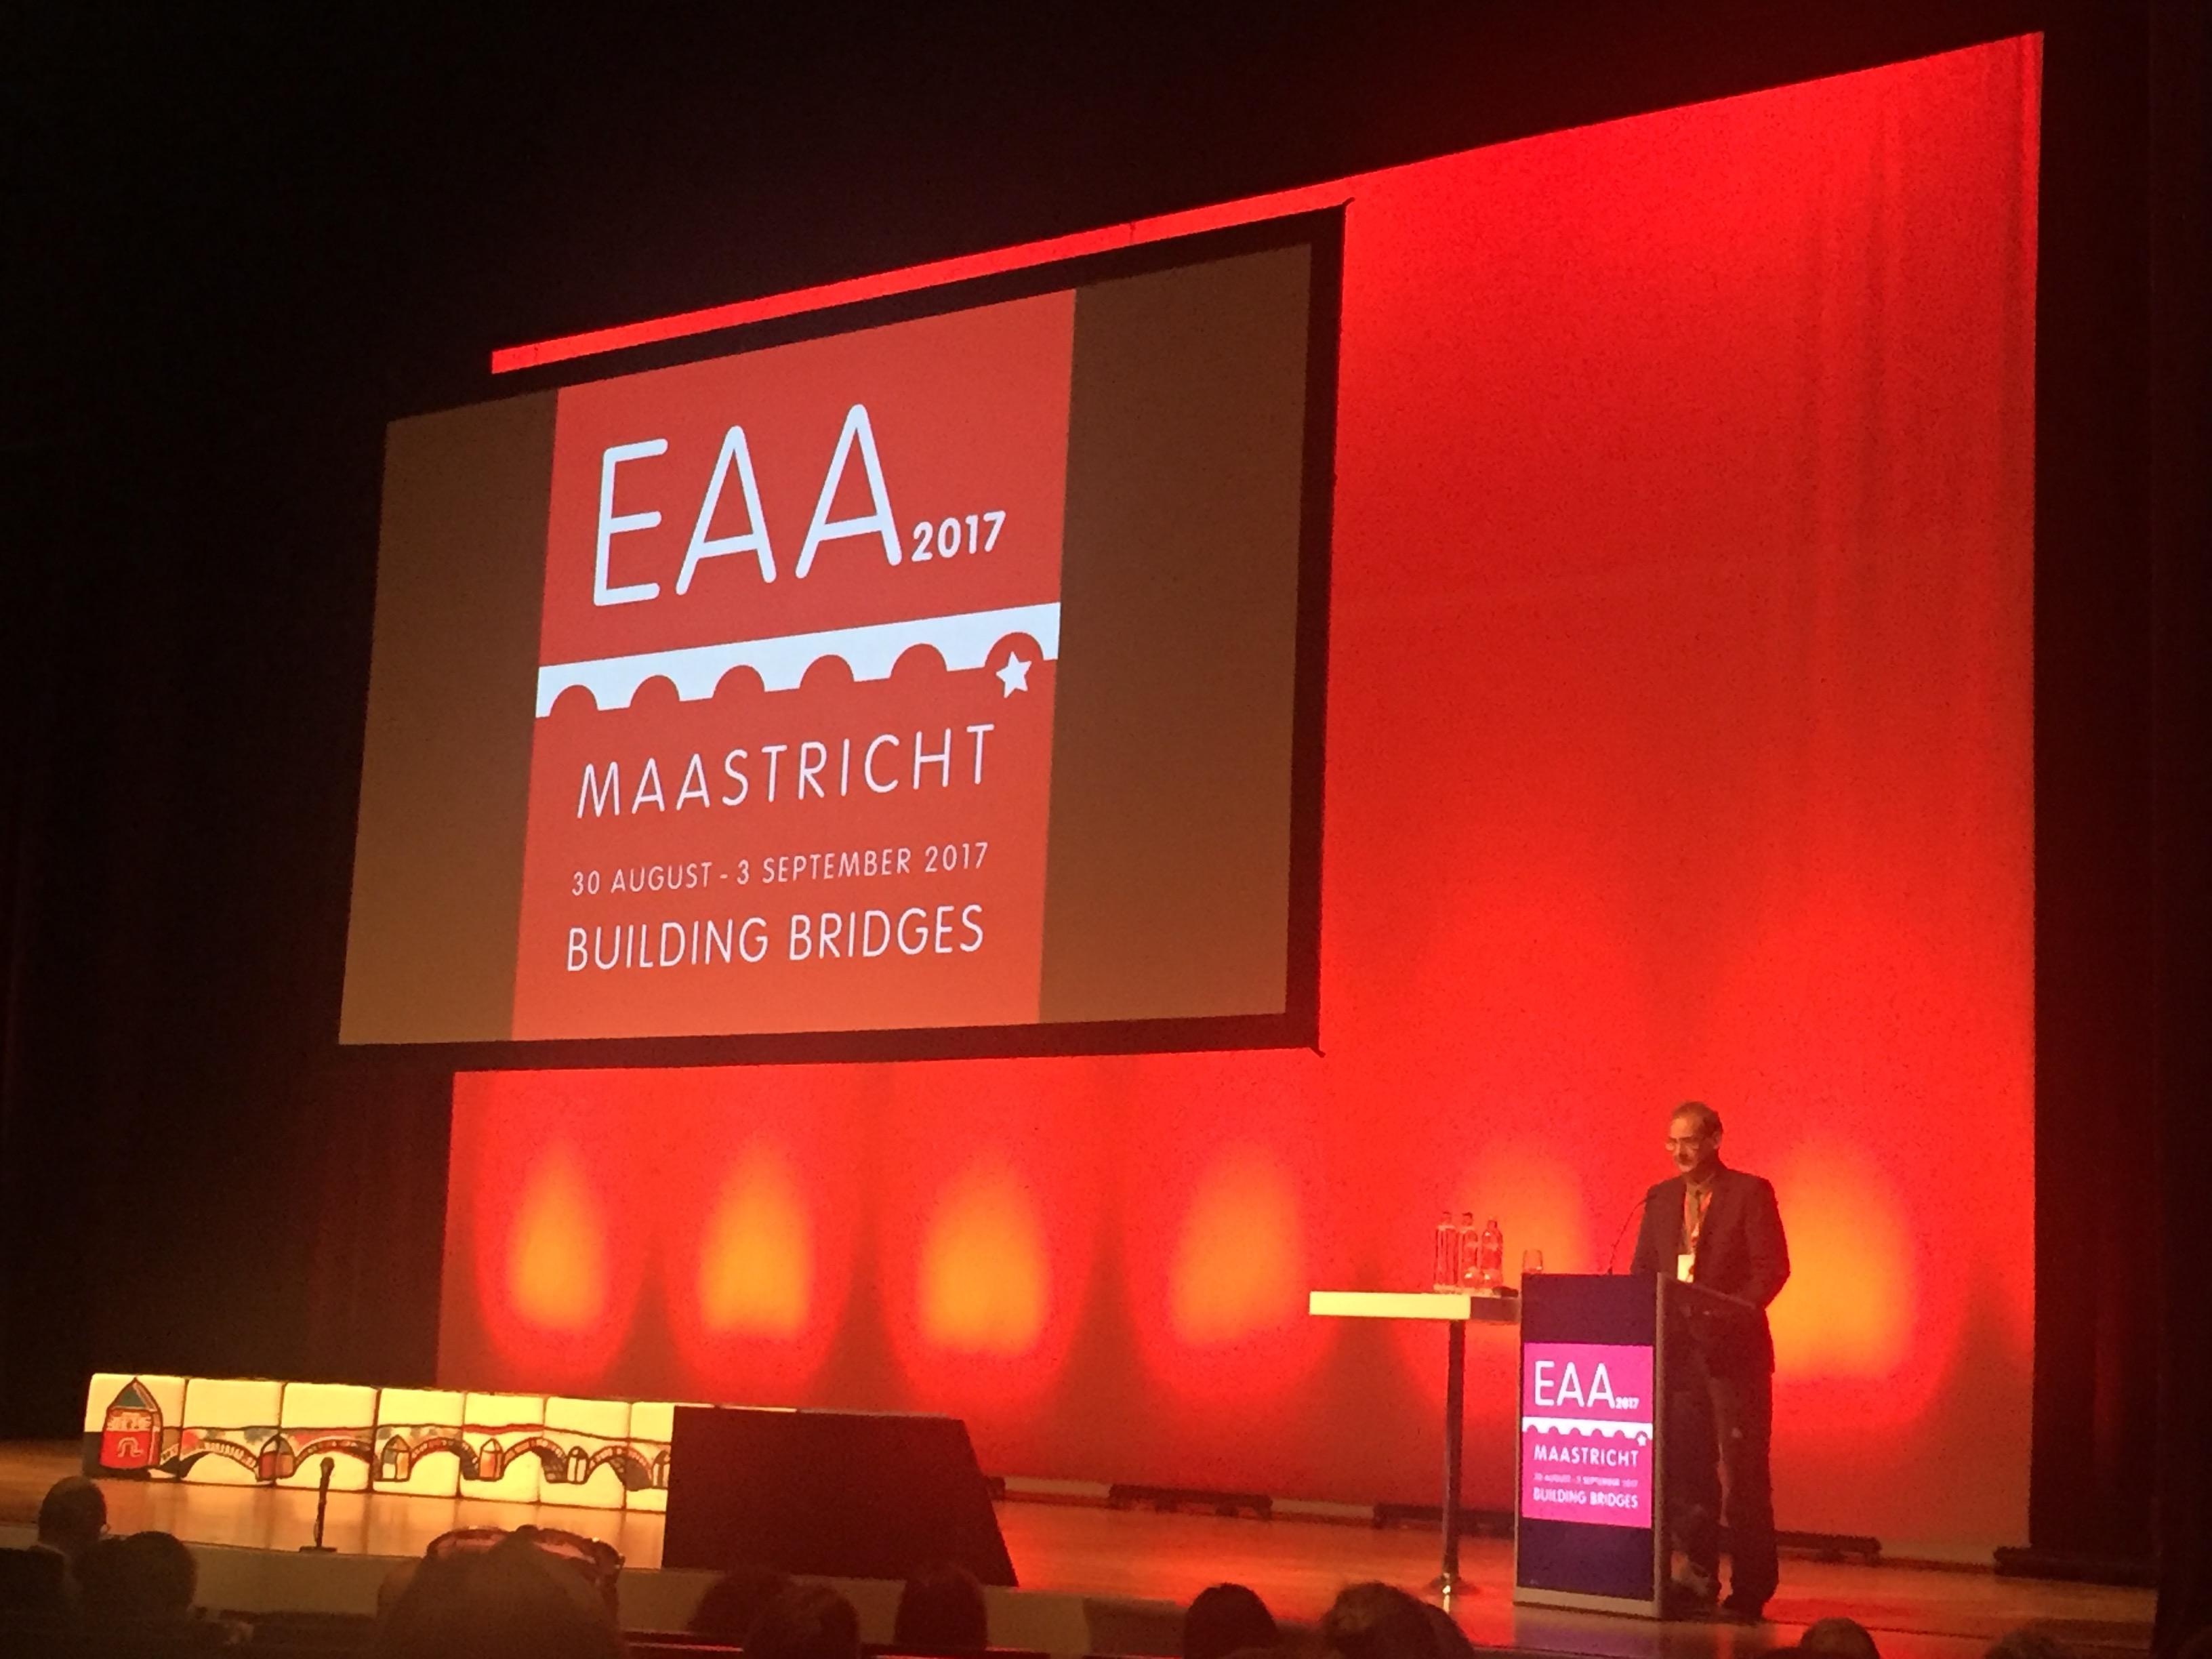 Reflexiones después de la reunión anual de la EAA Maastricht 2017